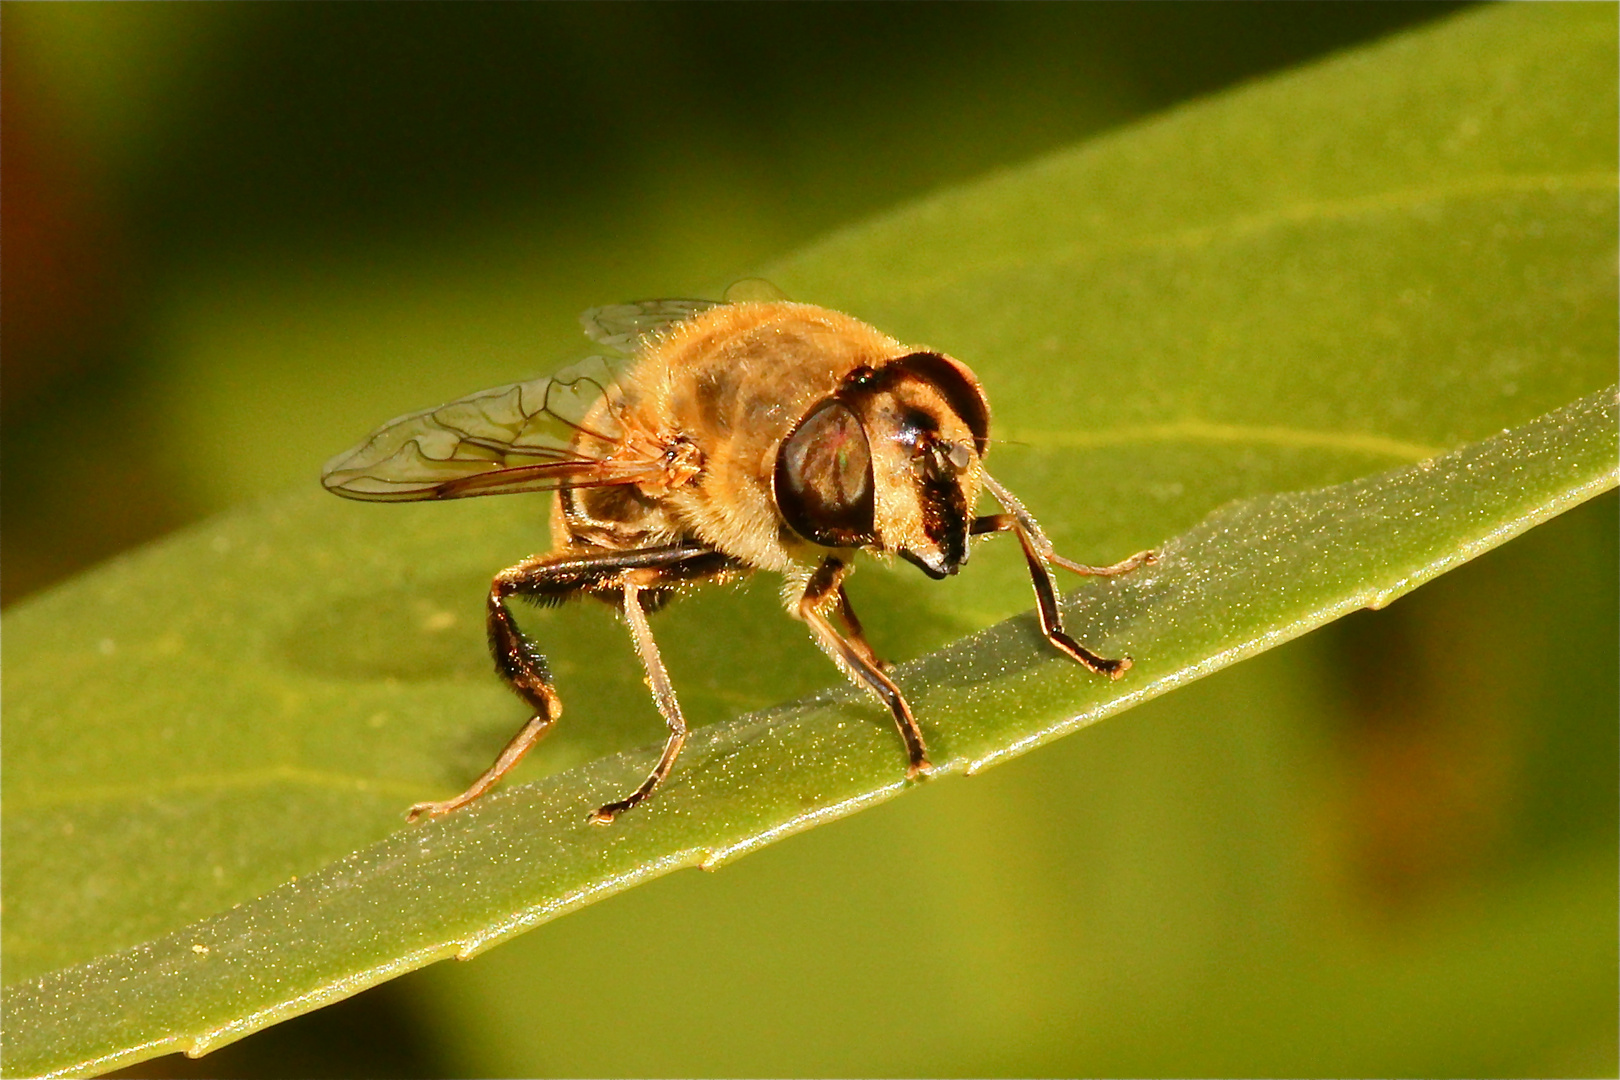 Die Mistbiene - Bild 1 von 7